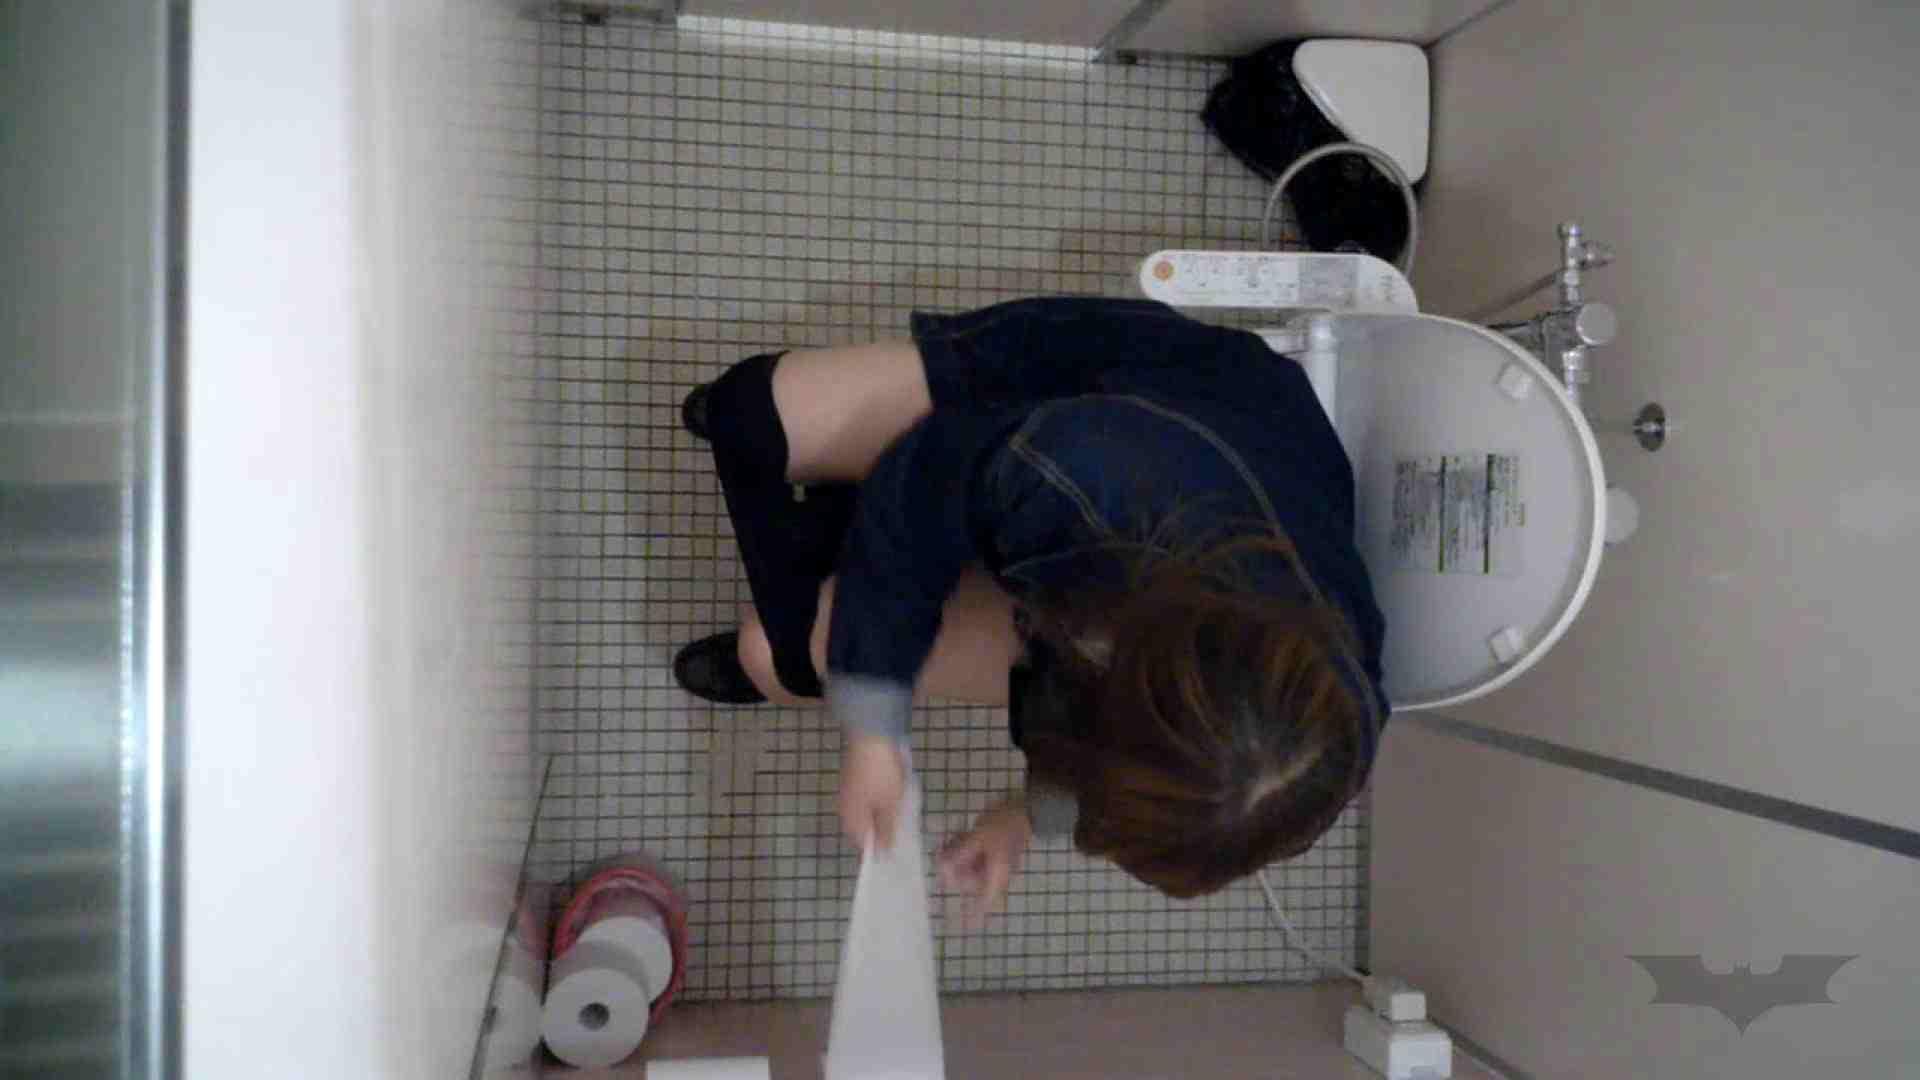 有名大学女性洗面所 vol.41 素敵なオシリとお顔がいっぱい。抜き過ぎ注意報! 和式で・・・ 盗撮 74画像 54